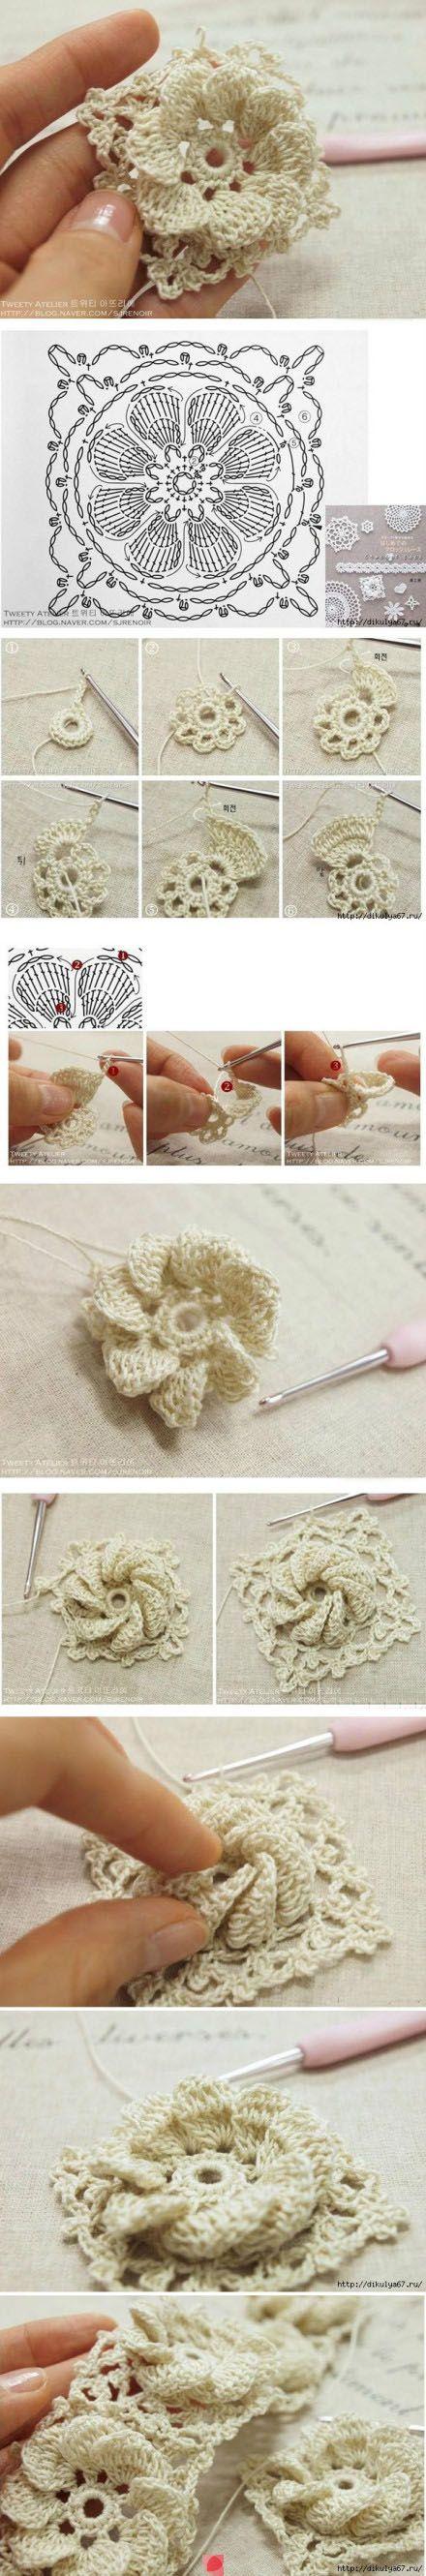 #crochet #square #flower